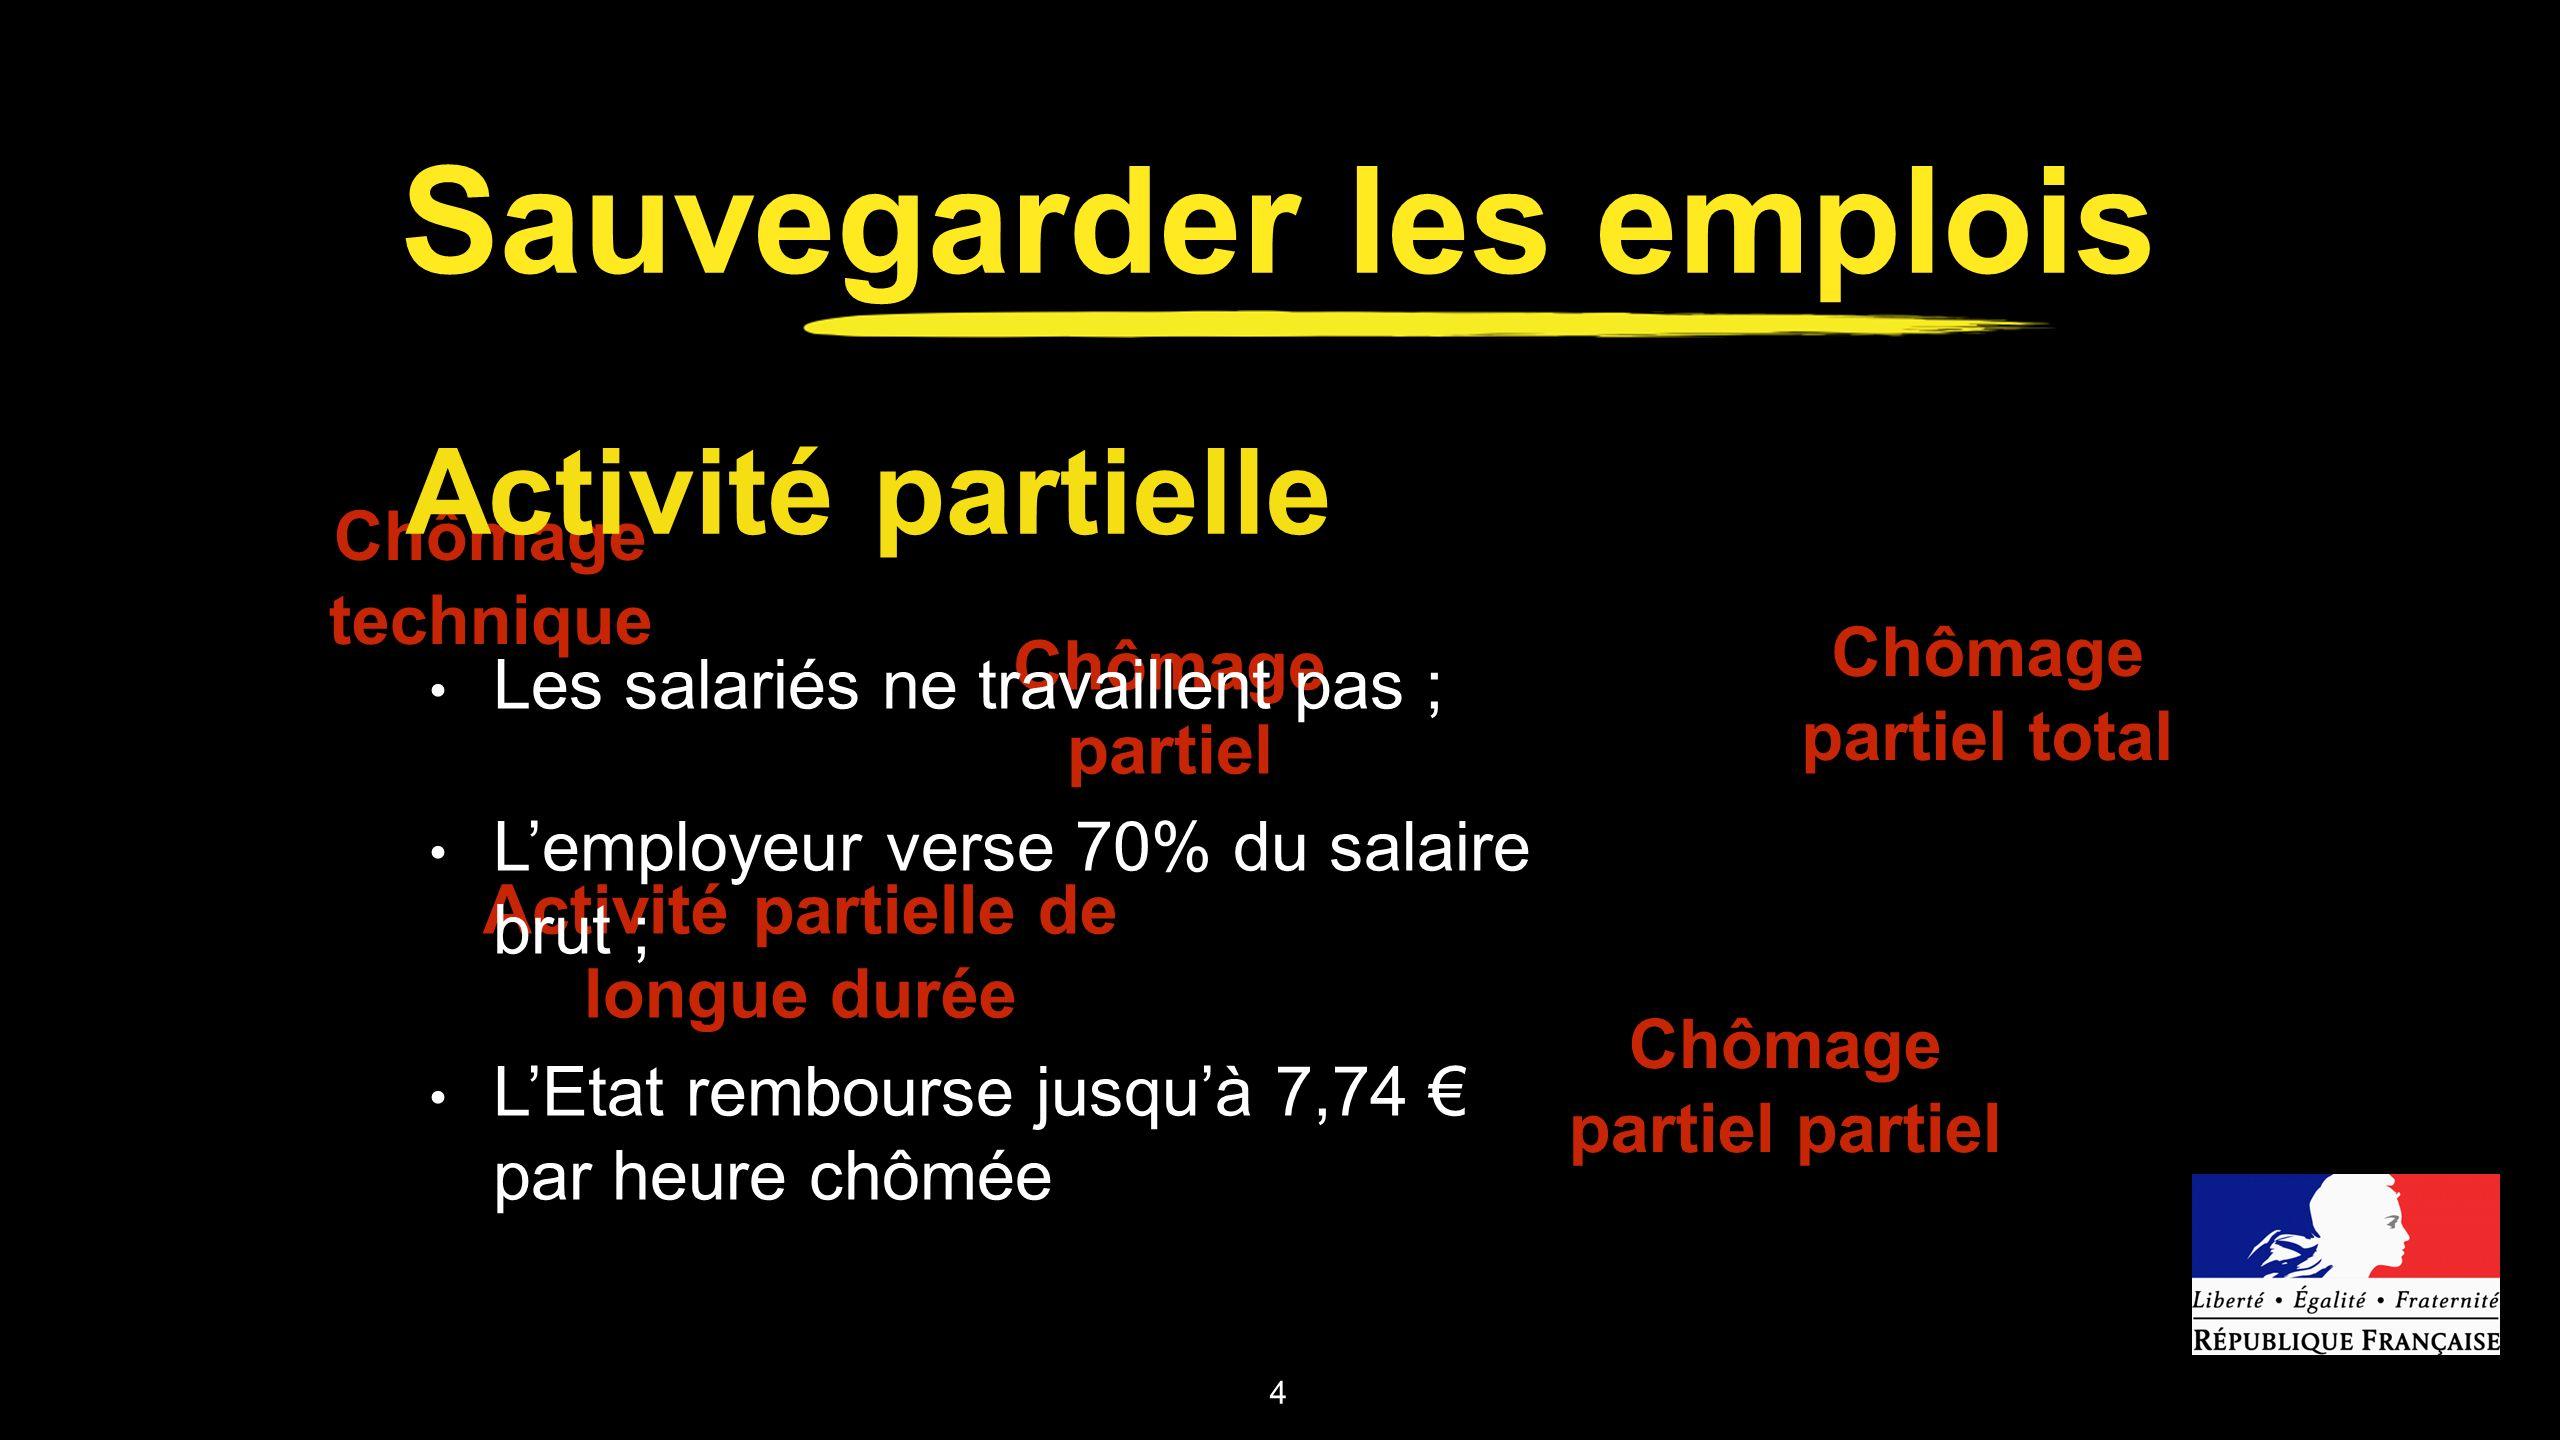 Sauvegarder les emplois 4 Chômage technique Chômage partiel Activité partielle de longue durée Chômage partiel total Chômage partiel partiel Activité